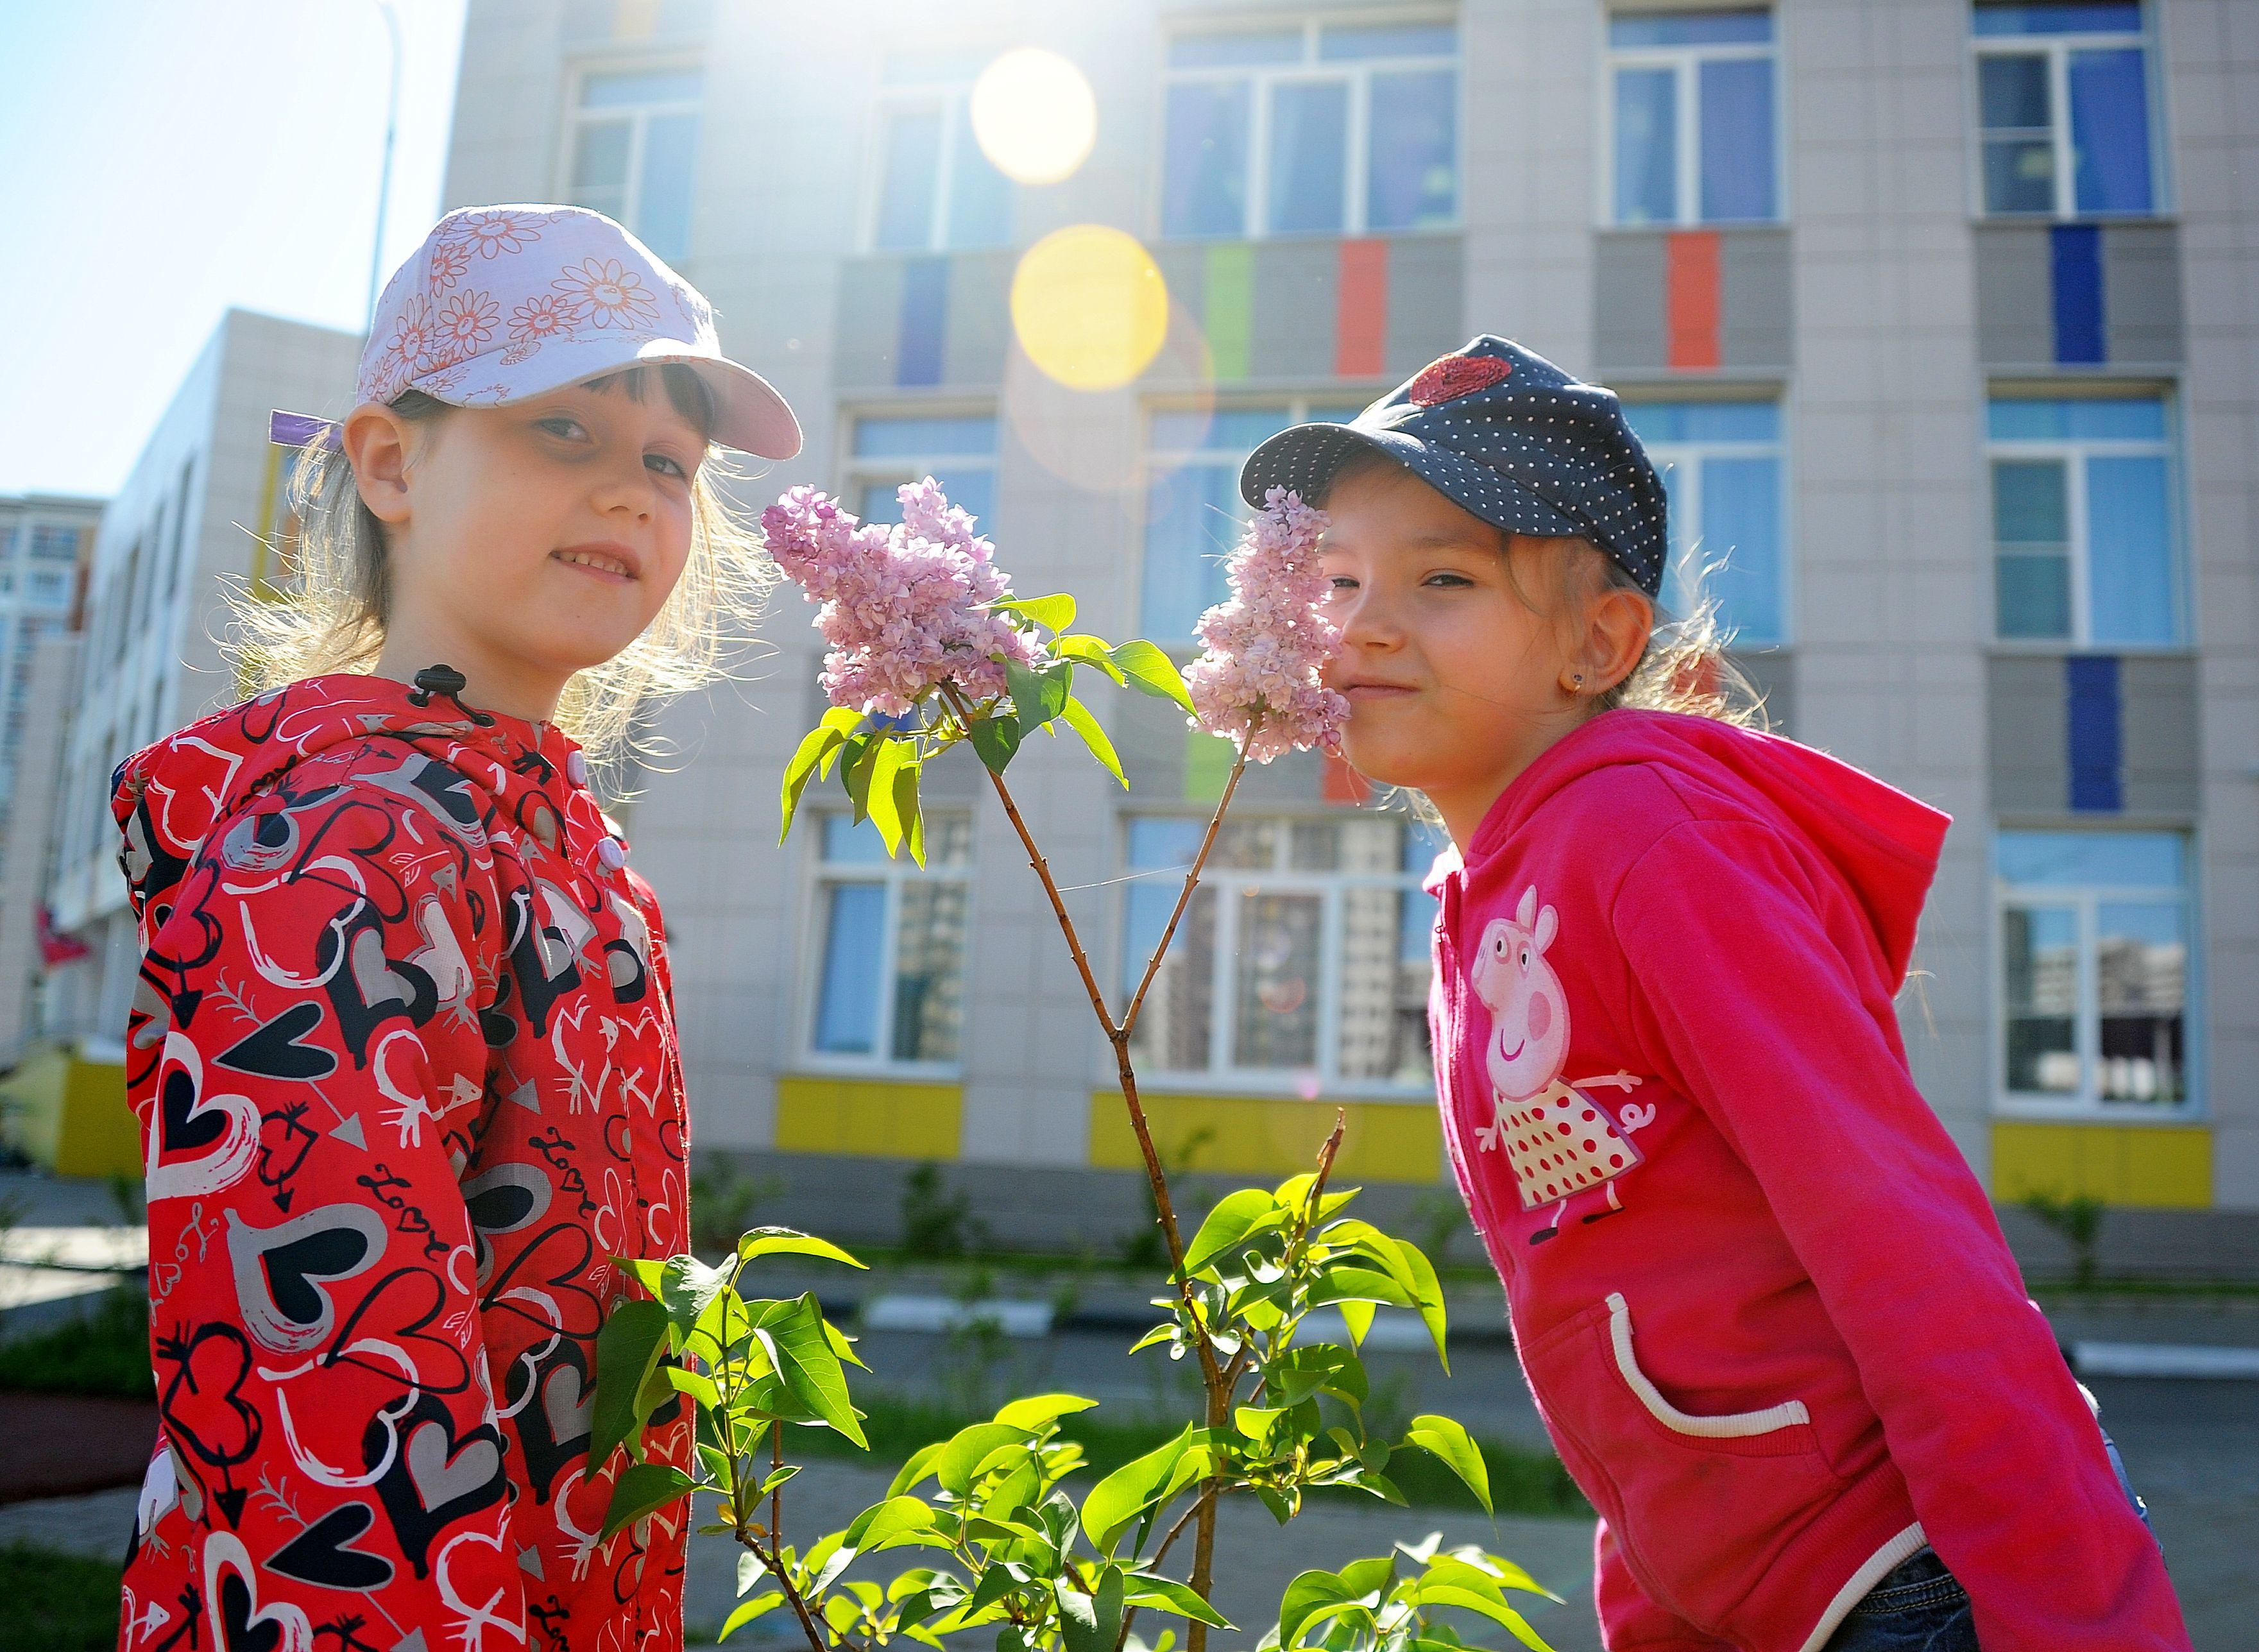 Учебный комплекс с детским садом появится возле ТПУ «Улица Академика Опарина»